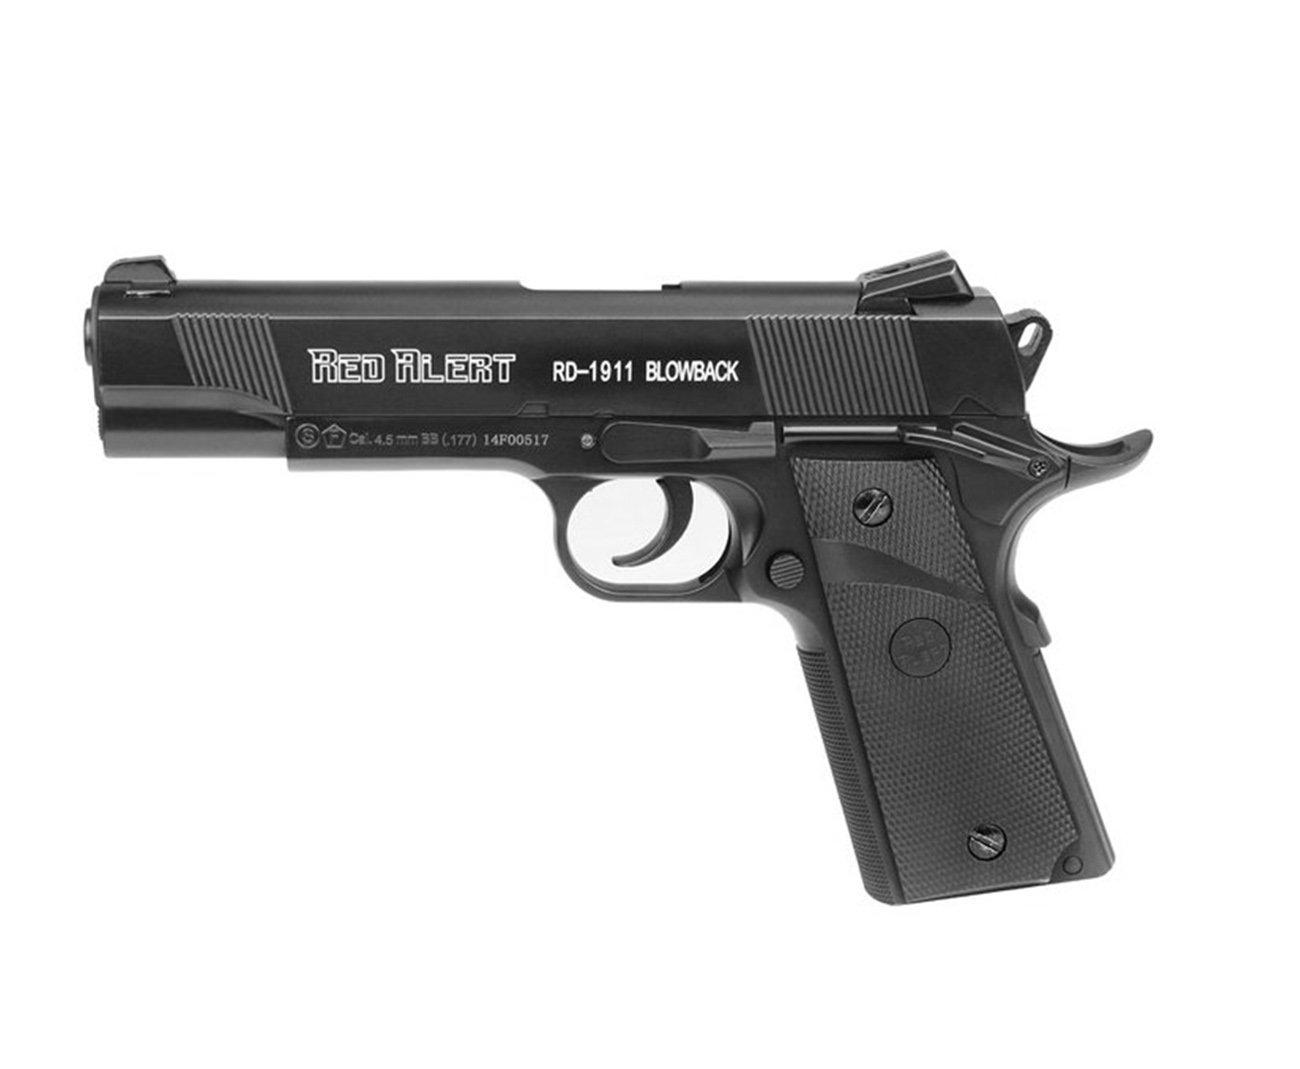 Pistola De Pressão A Gás Co2 Rd-1911 Blowback 4.5mm - Red Alert | Gamo